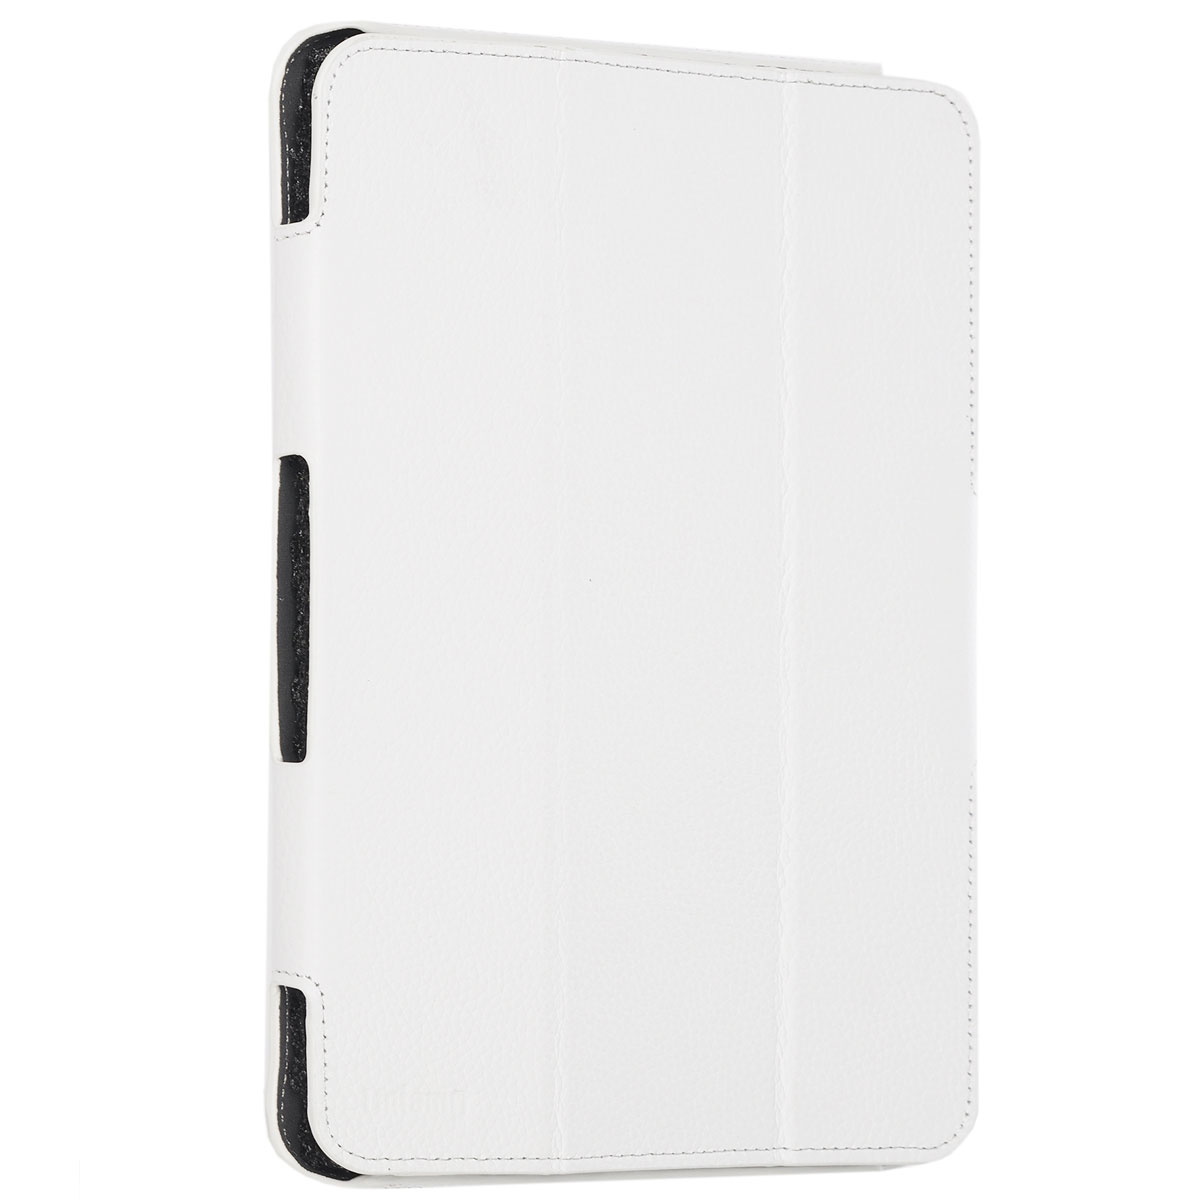 Untamo Alto чехол для Samsung Galaxy Tab 4 10.1, WhiteUALSGT410WHЧехол Untamo Alto сделан из натуральной кожи. Он защищает устройство от царапин и повреждений. Все кнопки и разъемы доступны без снятия чехла. Модель из тонкой кожи четко повторяет контуры устройства, не утяжеляя его. Чехол позволяет устанавливать устройство в двух положениях - печати и просмотра.